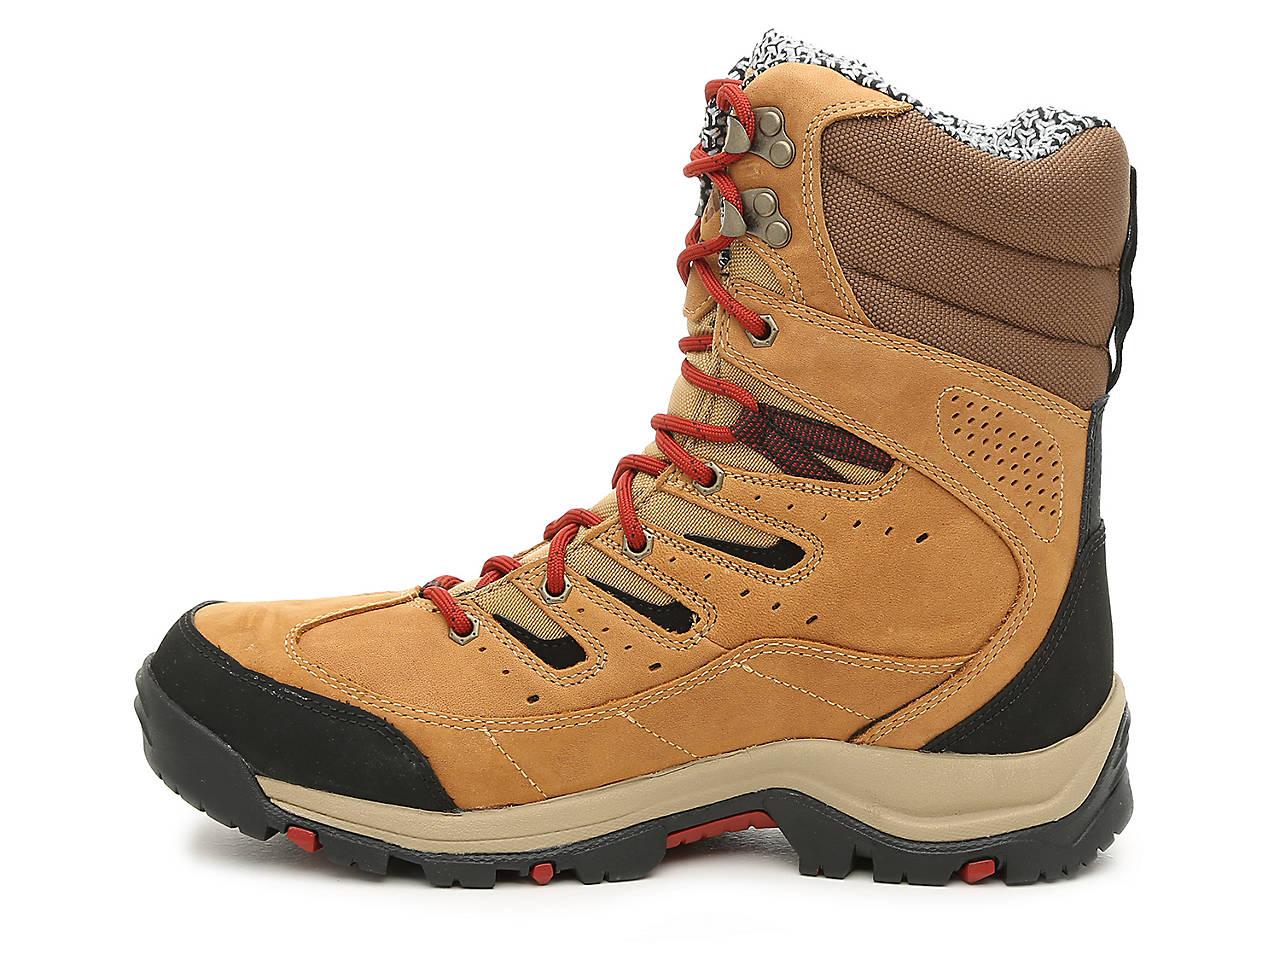 830e979b256 Gunnison Plus LTR Snow Boot